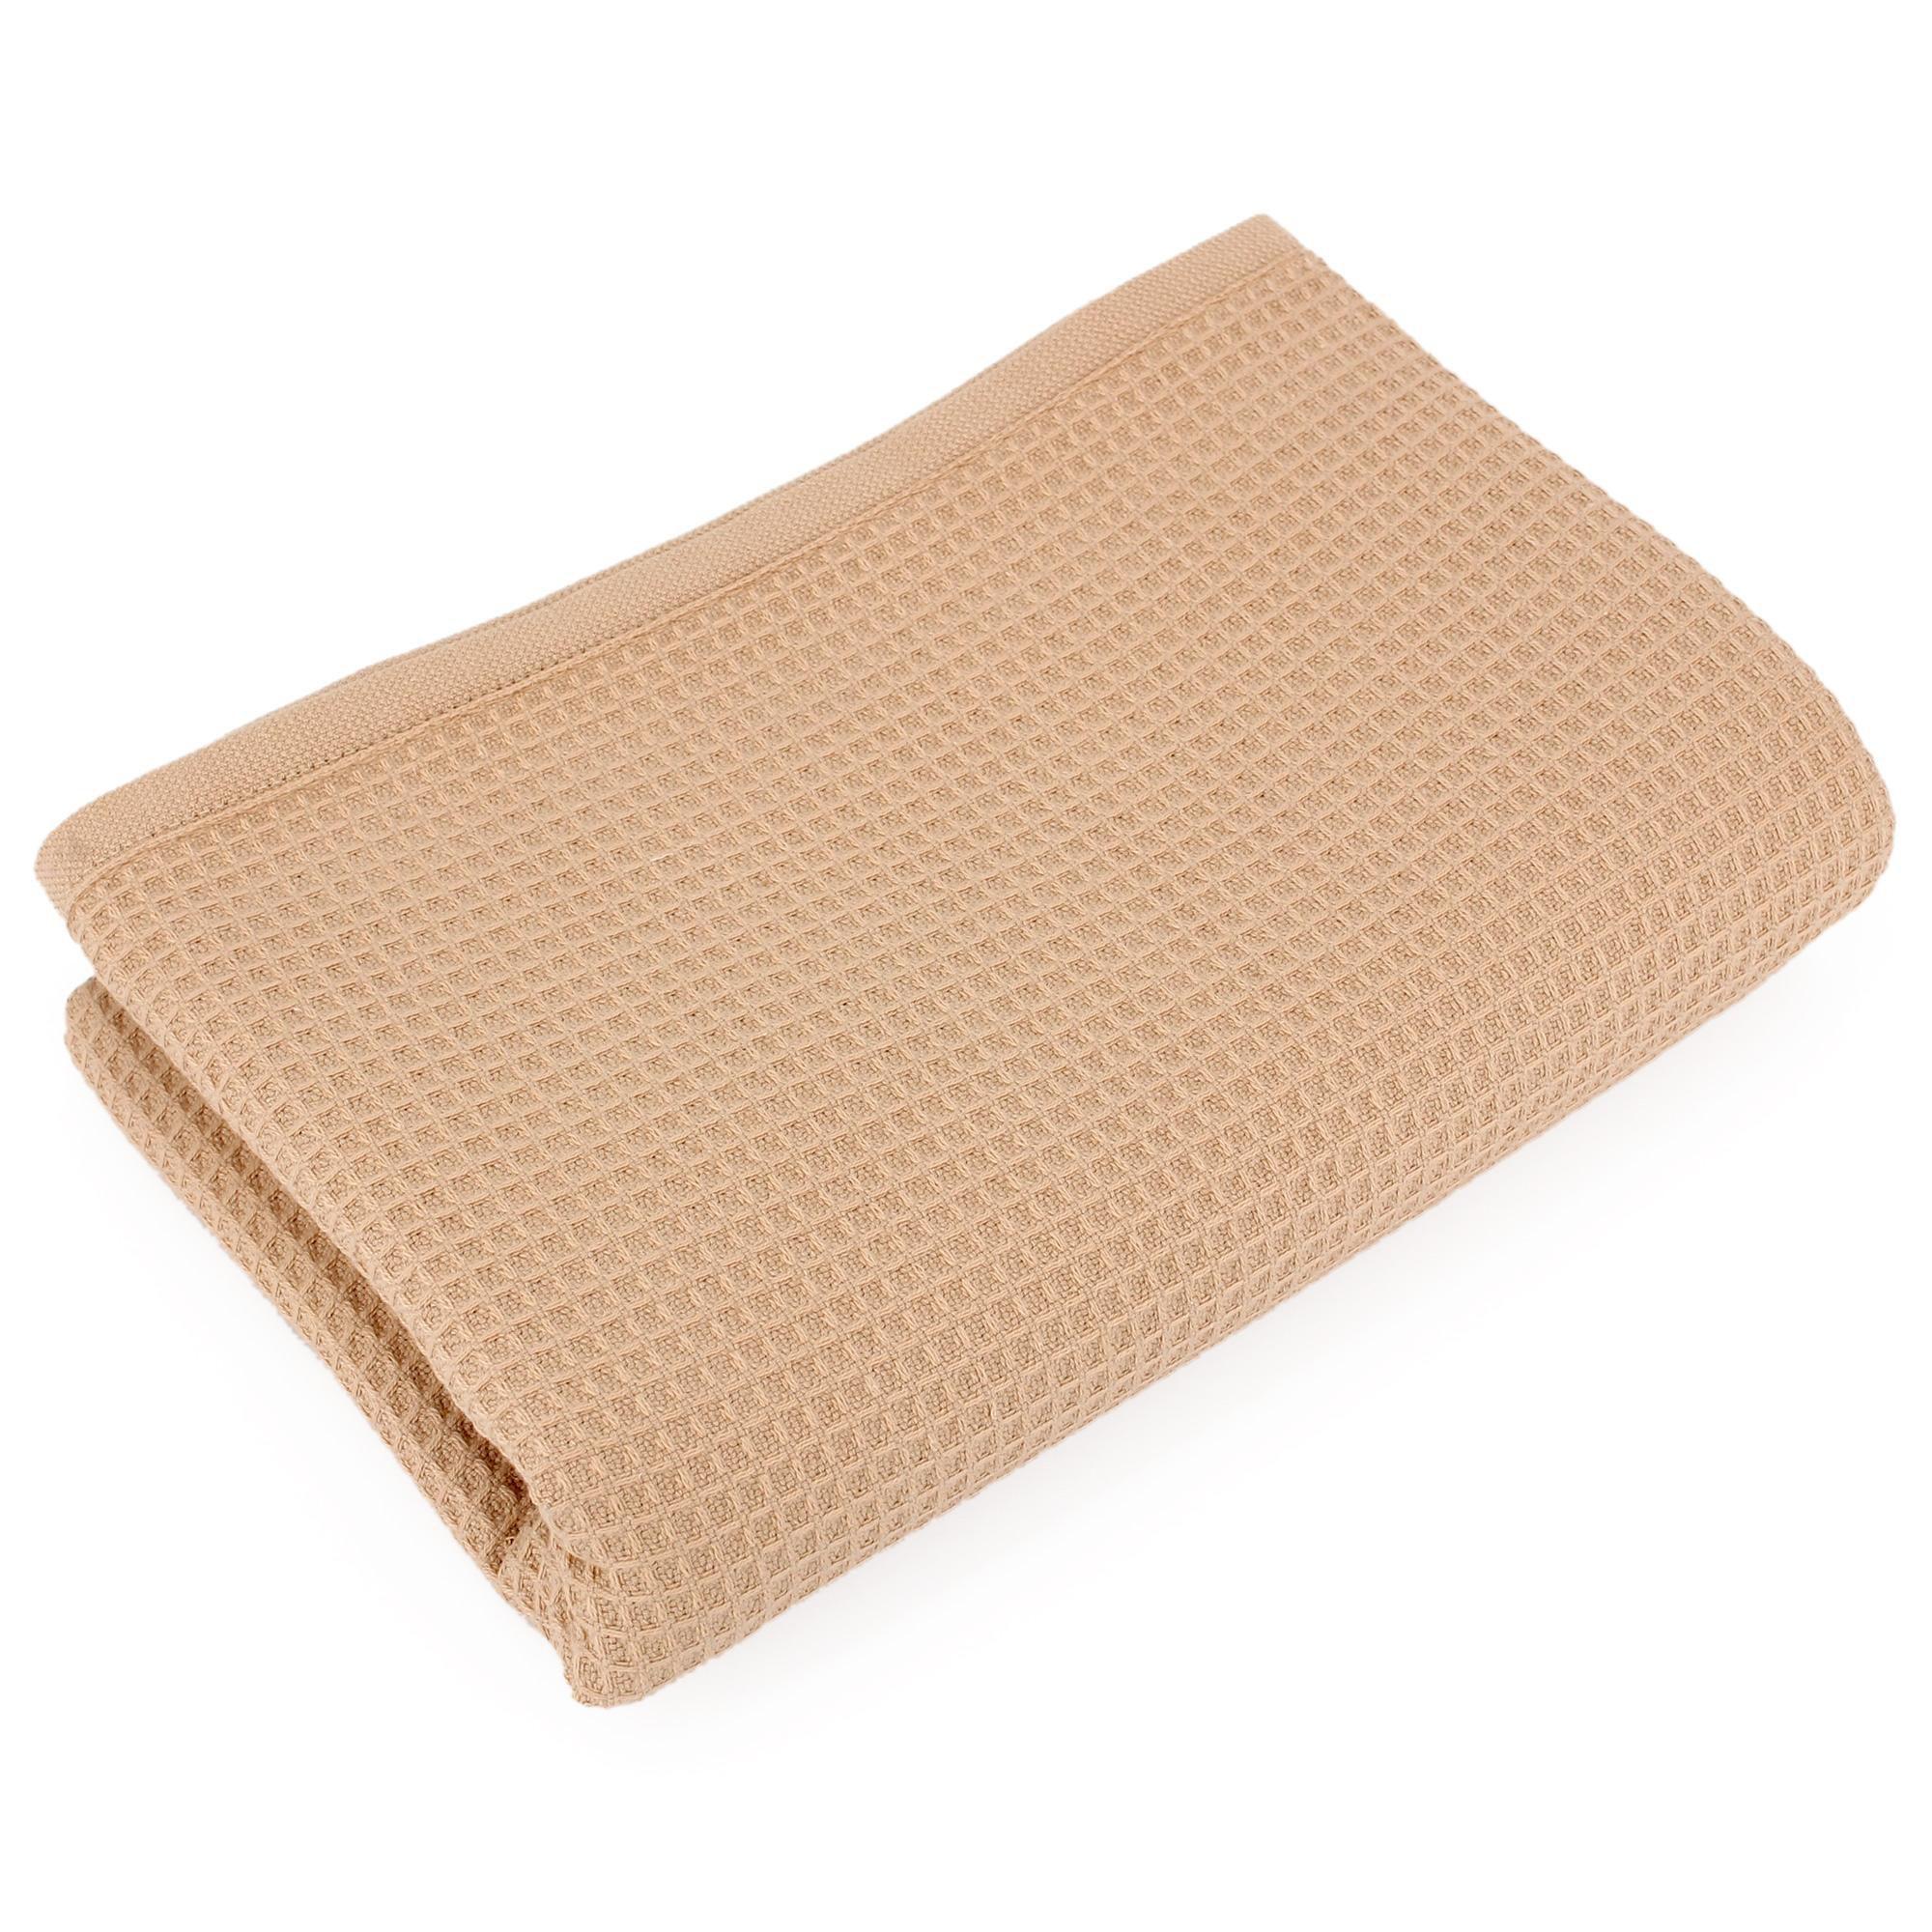 serviette de toilette 50x100 cm nid d 39 abeille p achat. Black Bedroom Furniture Sets. Home Design Ideas